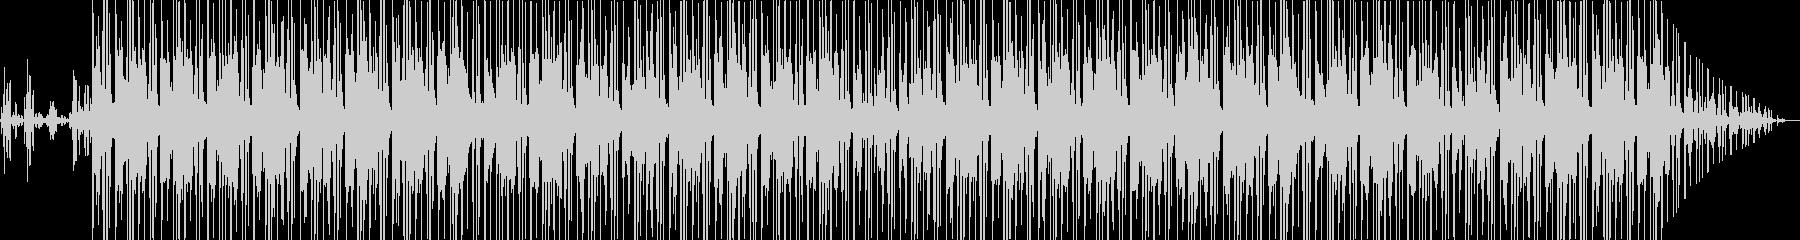 Lofi・落ち着いたジャズ・静かなバーの未再生の波形